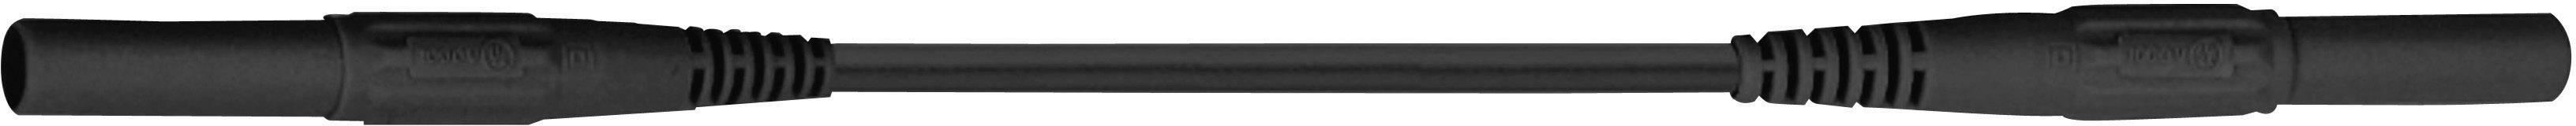 Merací kábel Multicontact XMF-419, 2,5 mm², 2 m, čierny